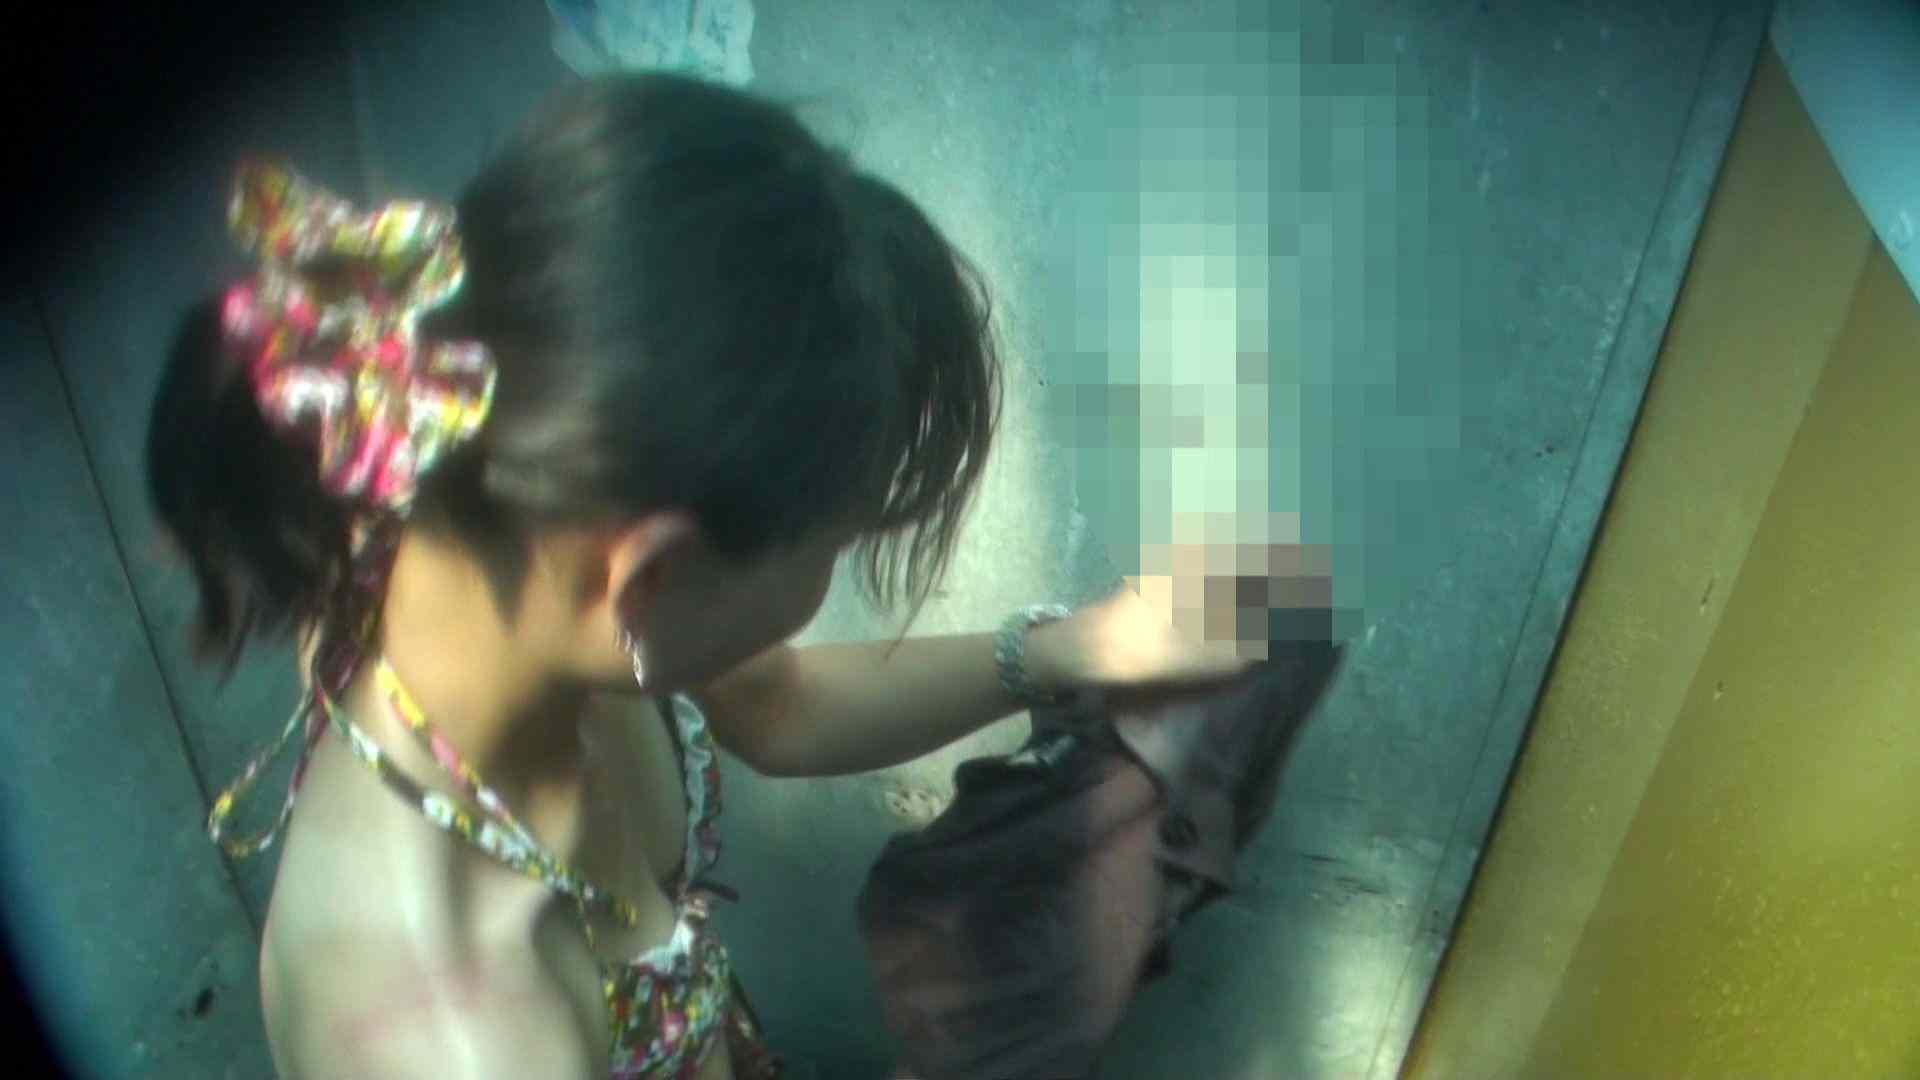 シャワールームは超!!危険な香りVol.16 意外に乳首は年増のそれ シャワー エロ無料画像 97pic 77